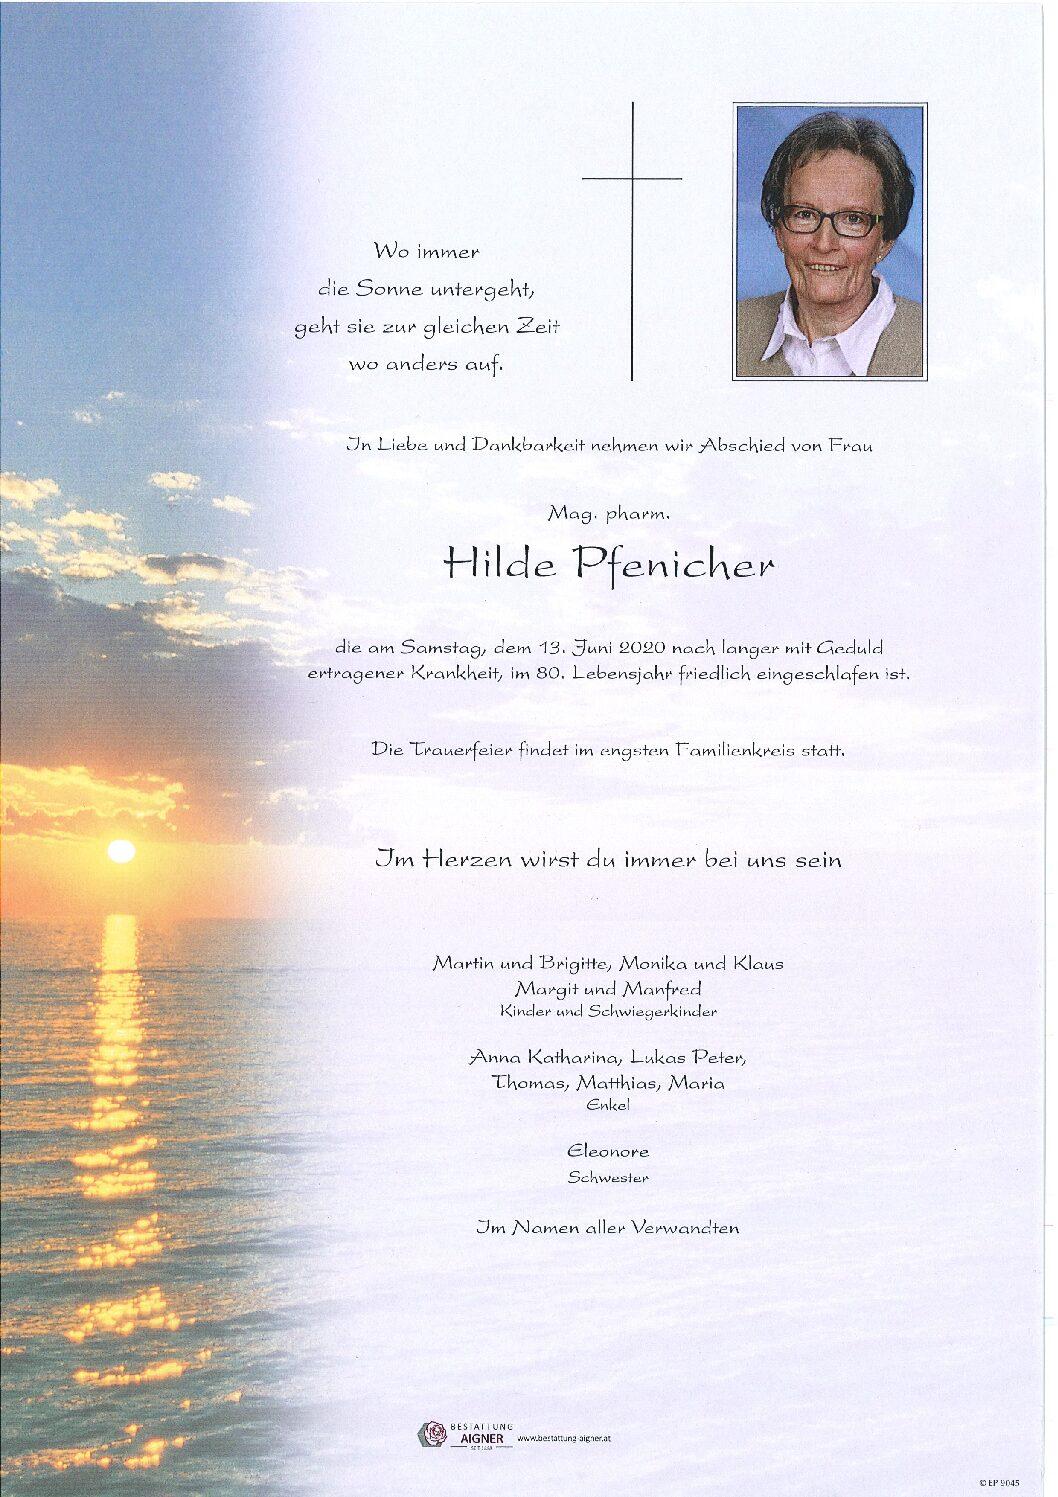 Hilde Pfenicher